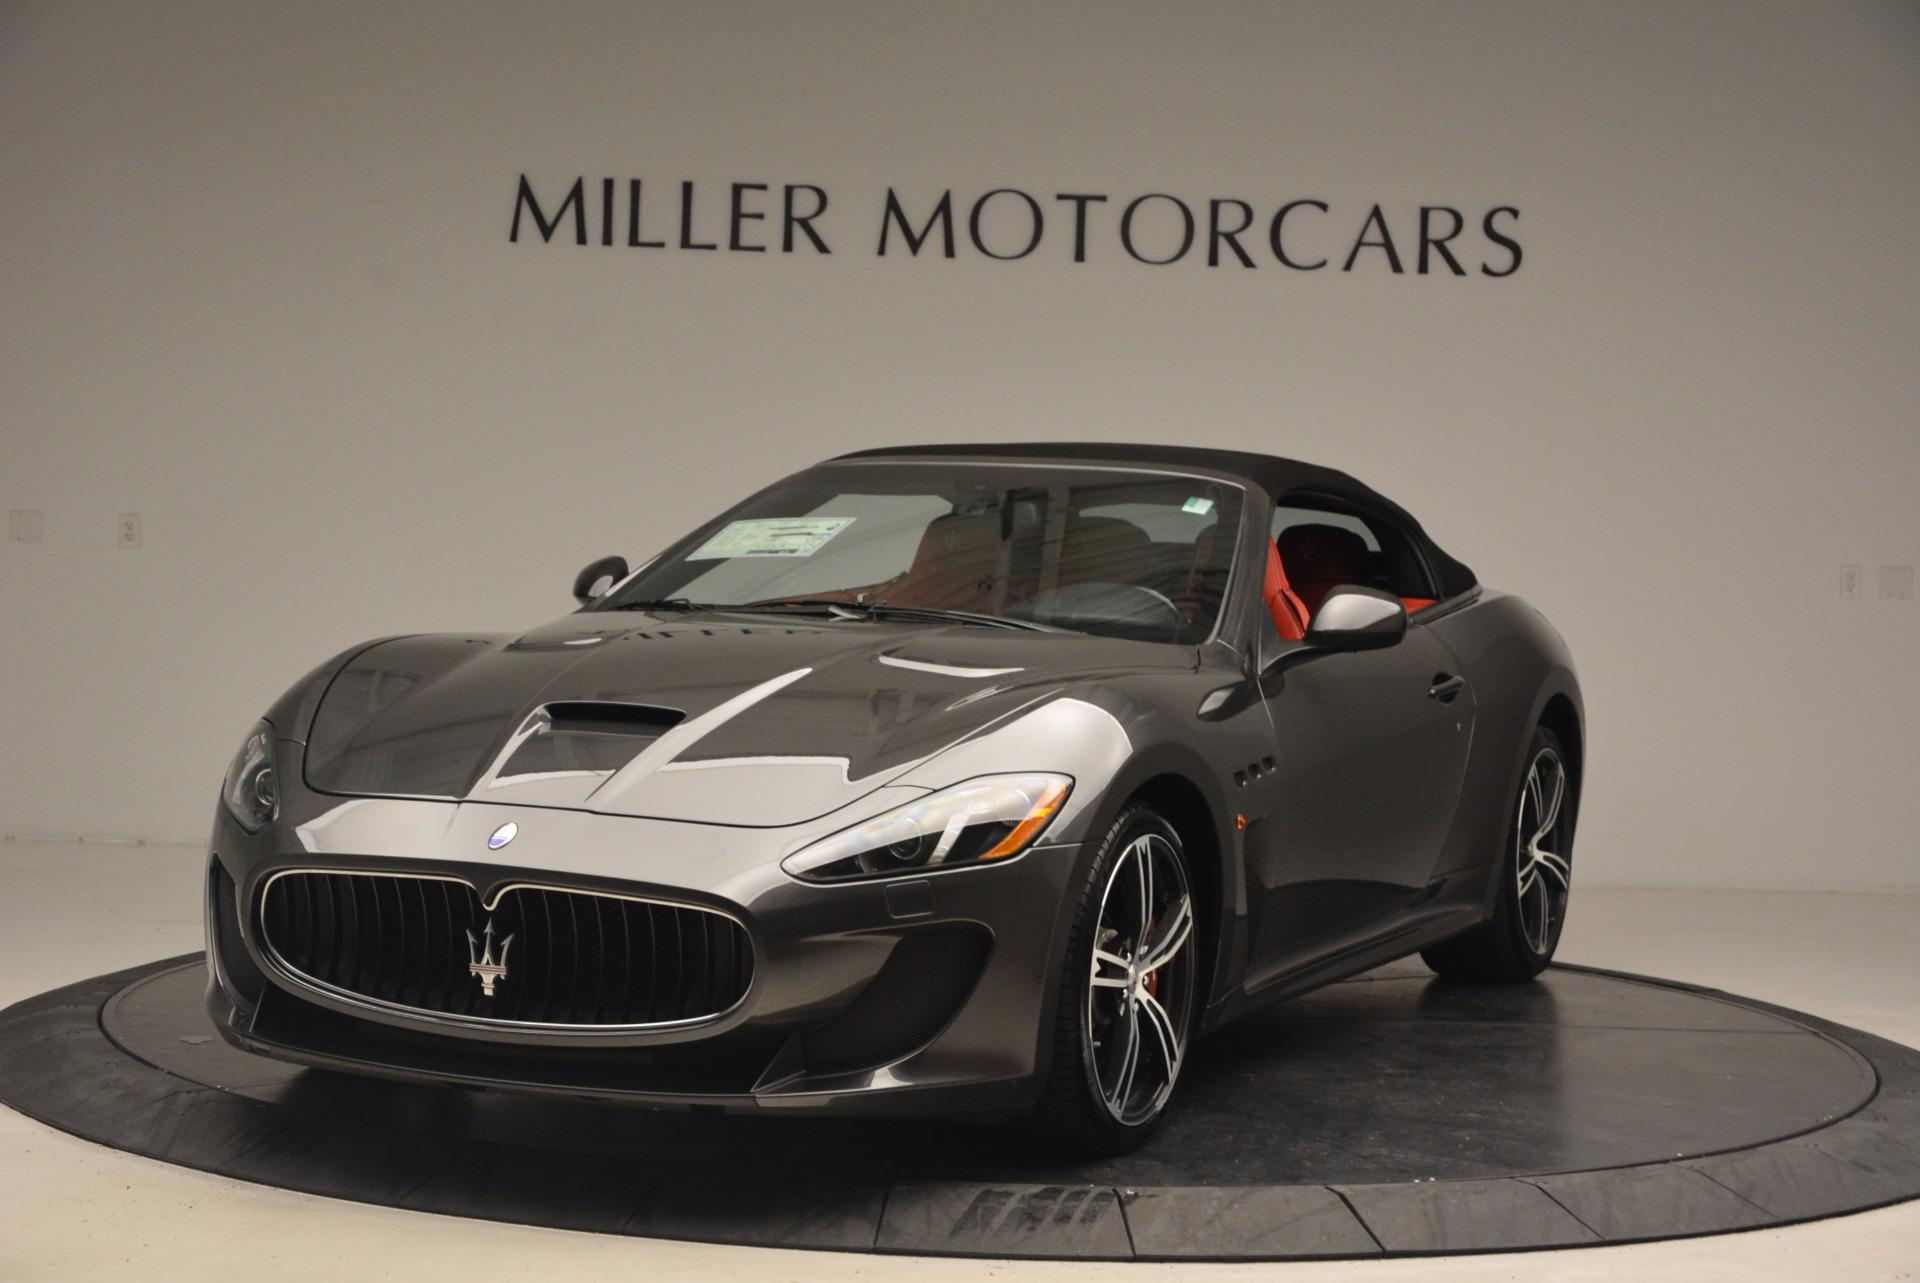 Used 2015 Maserati GranTurismo MC For Sale In Greenwich, CT 1135_p13